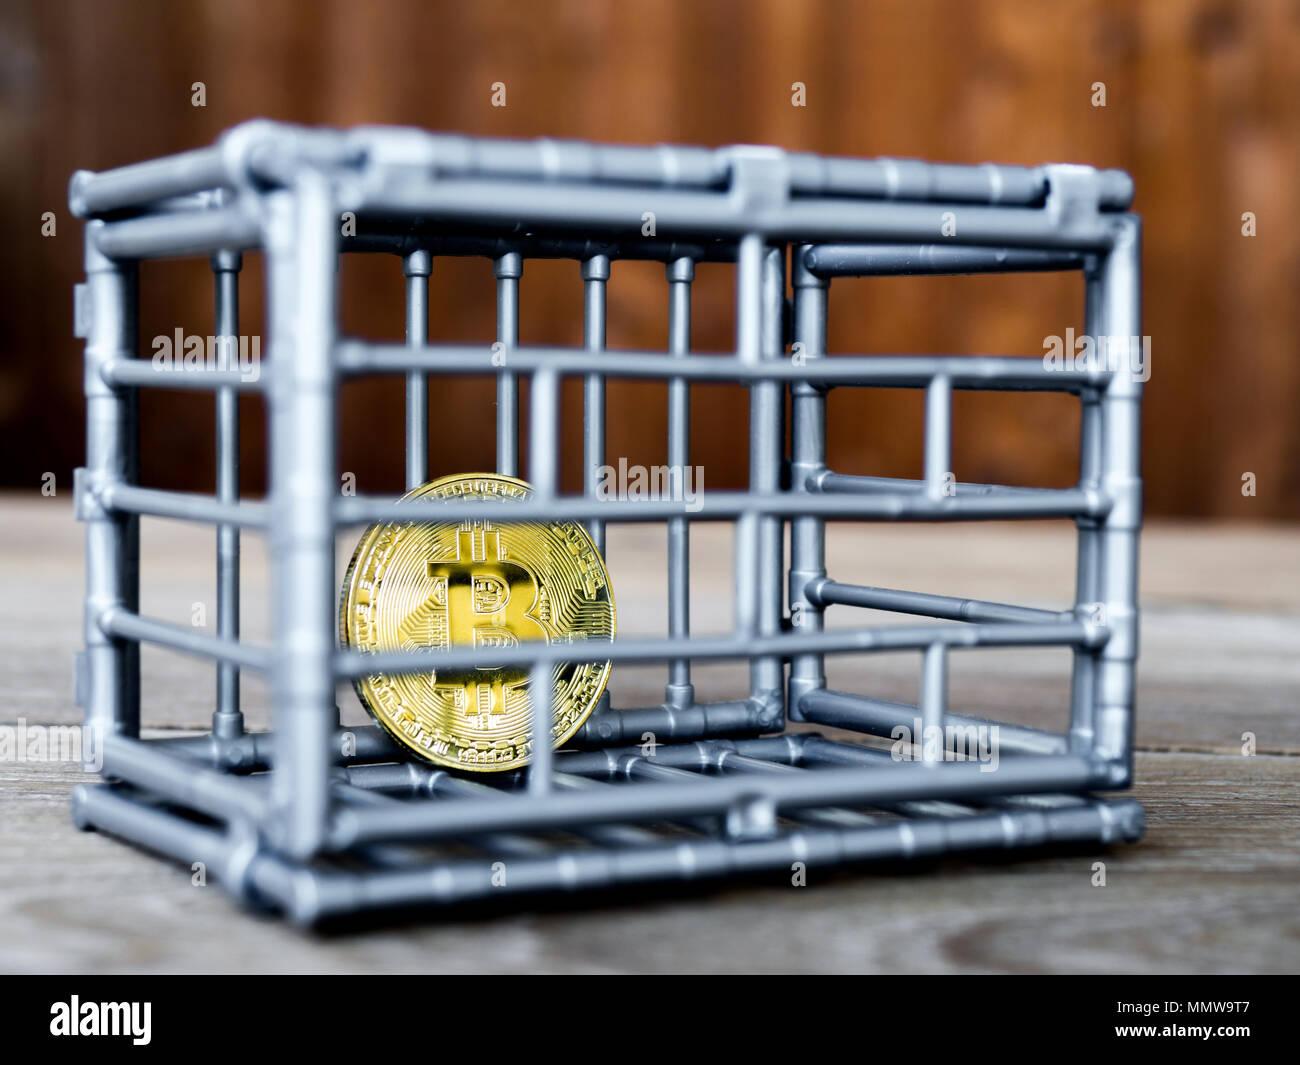 La pièce est dans la couleur gris nick mis sur une table en bois. Le concept d'investissement et de fluctuation et cryptocurrency bitcoin. Photo Stock